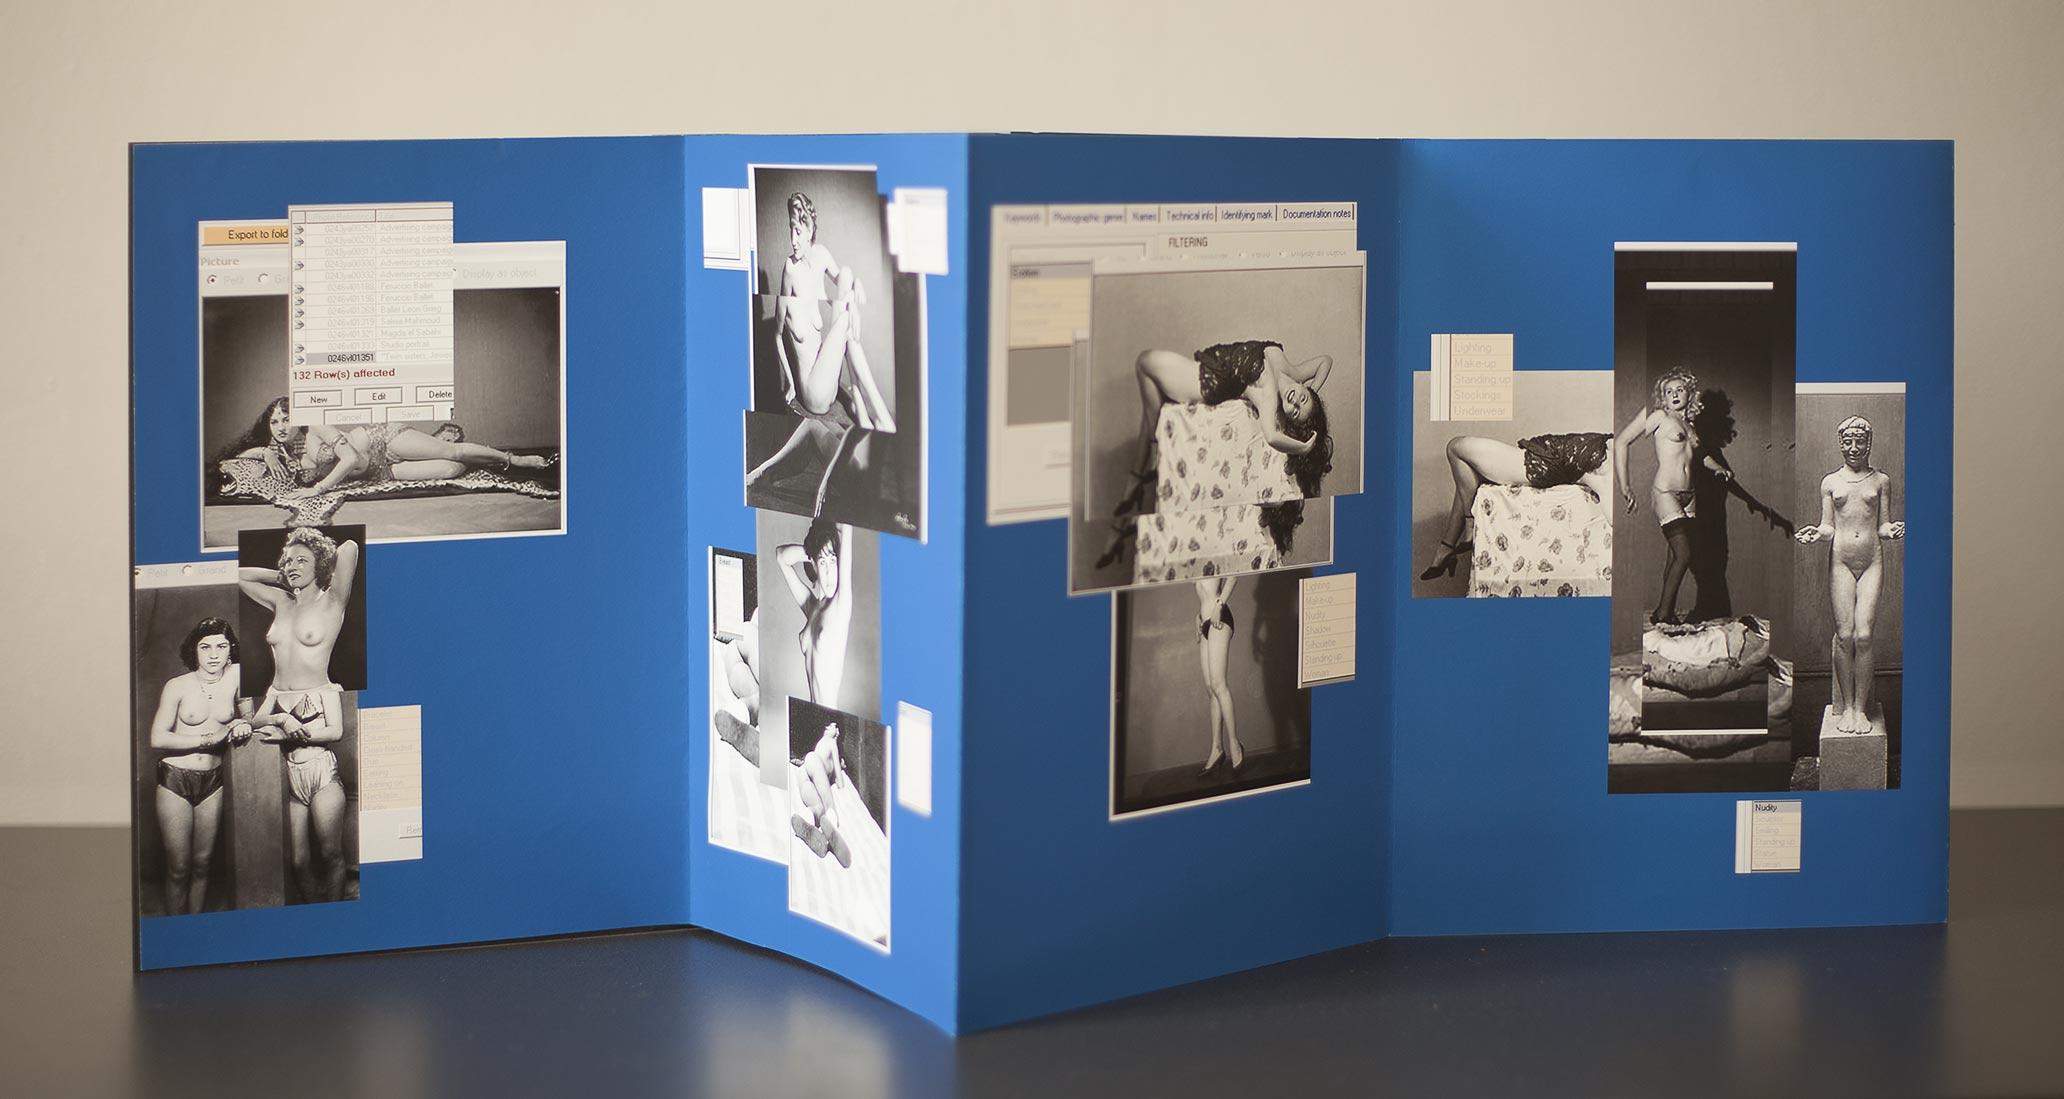 msdm-studio-sexndatabase-book-07